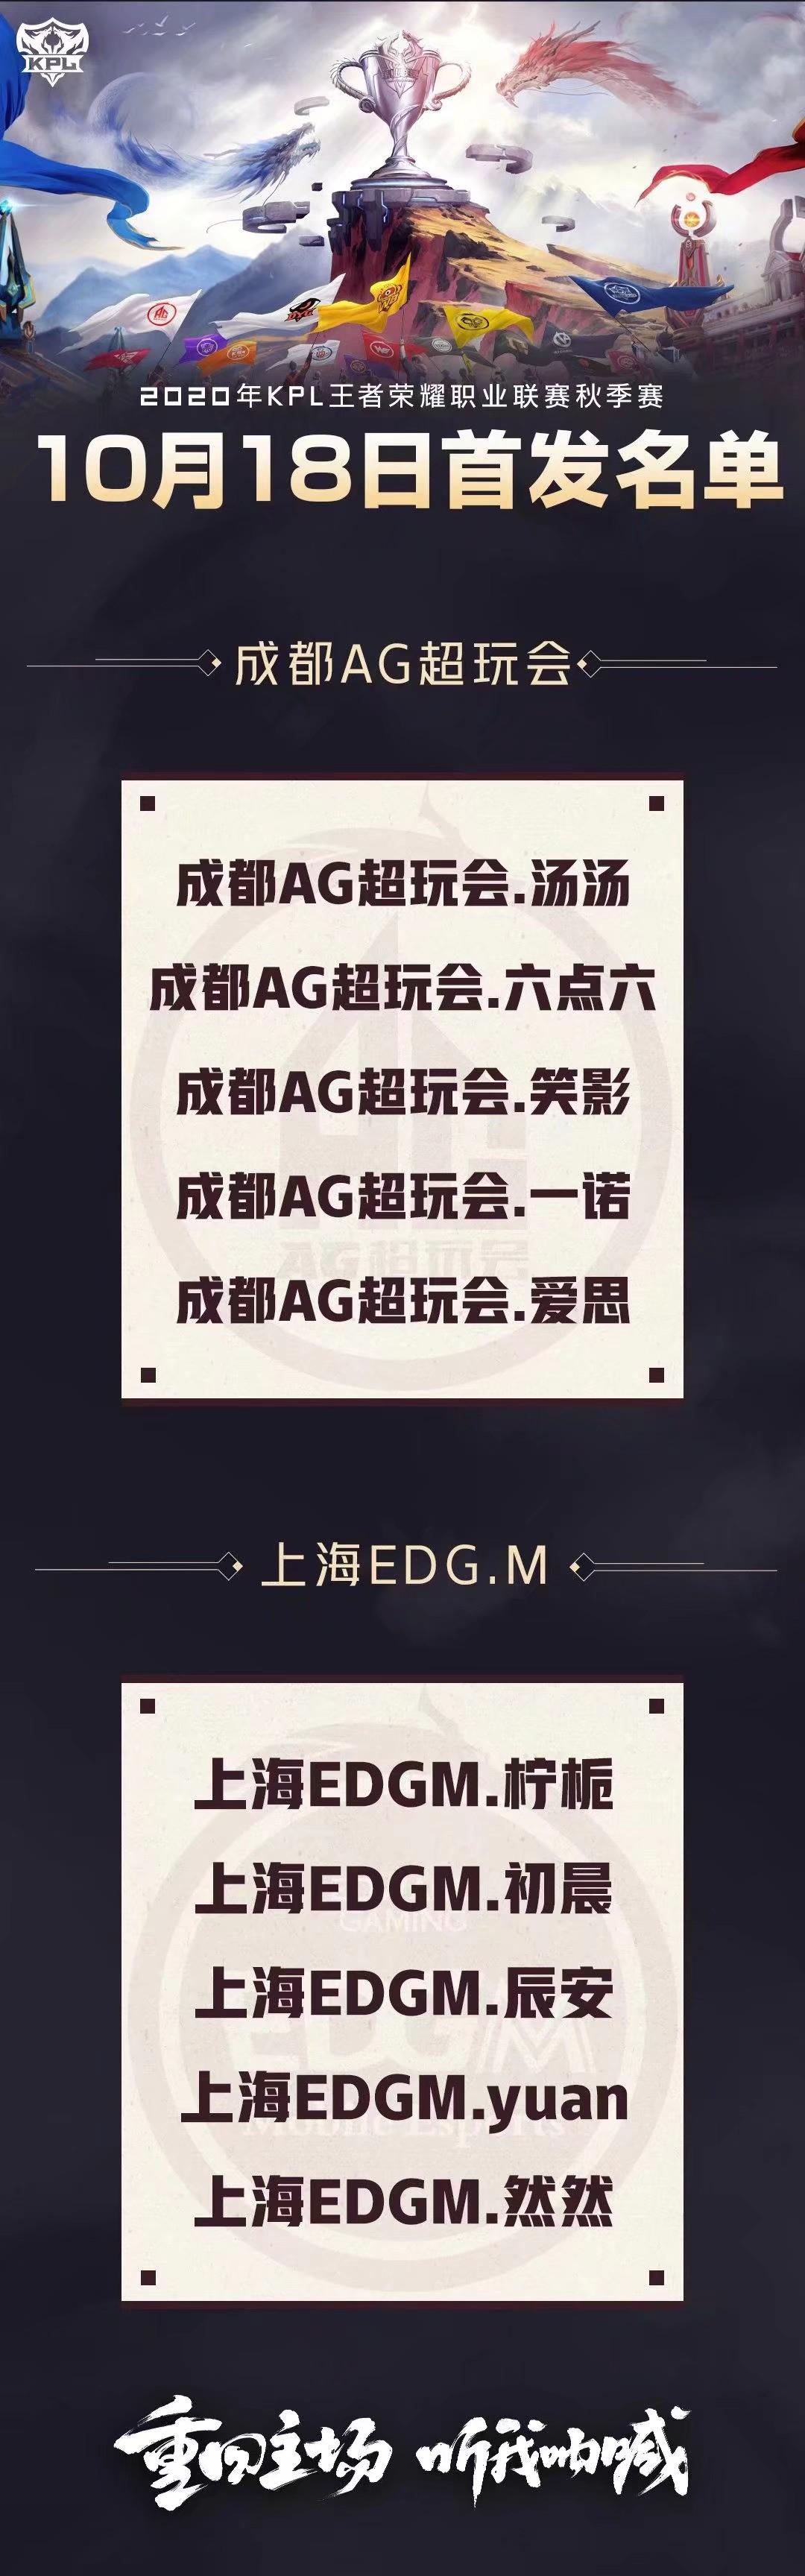 edg负于ag——教练在线,选手仍有漫漫征程插图